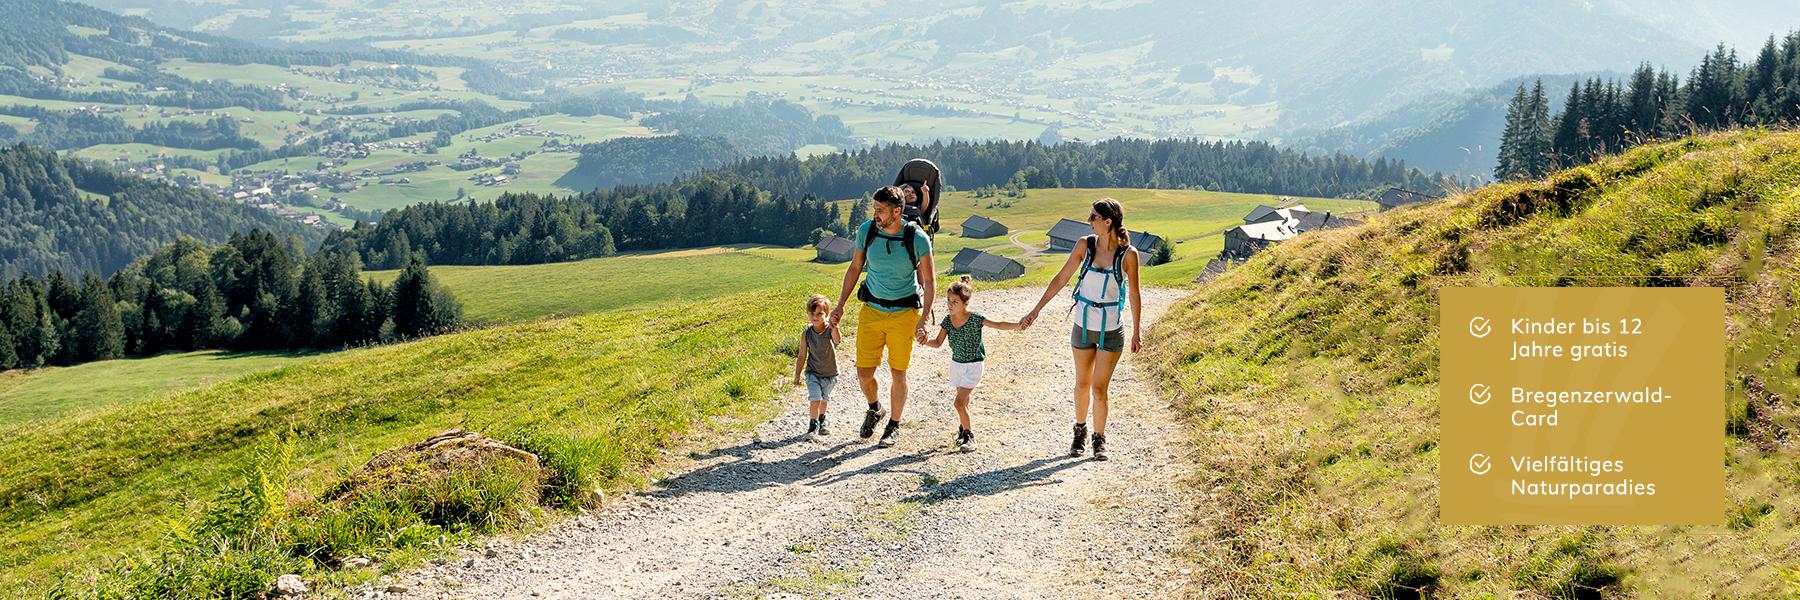 Bild: Johannes Fink | Bregenzerwald Tourismus